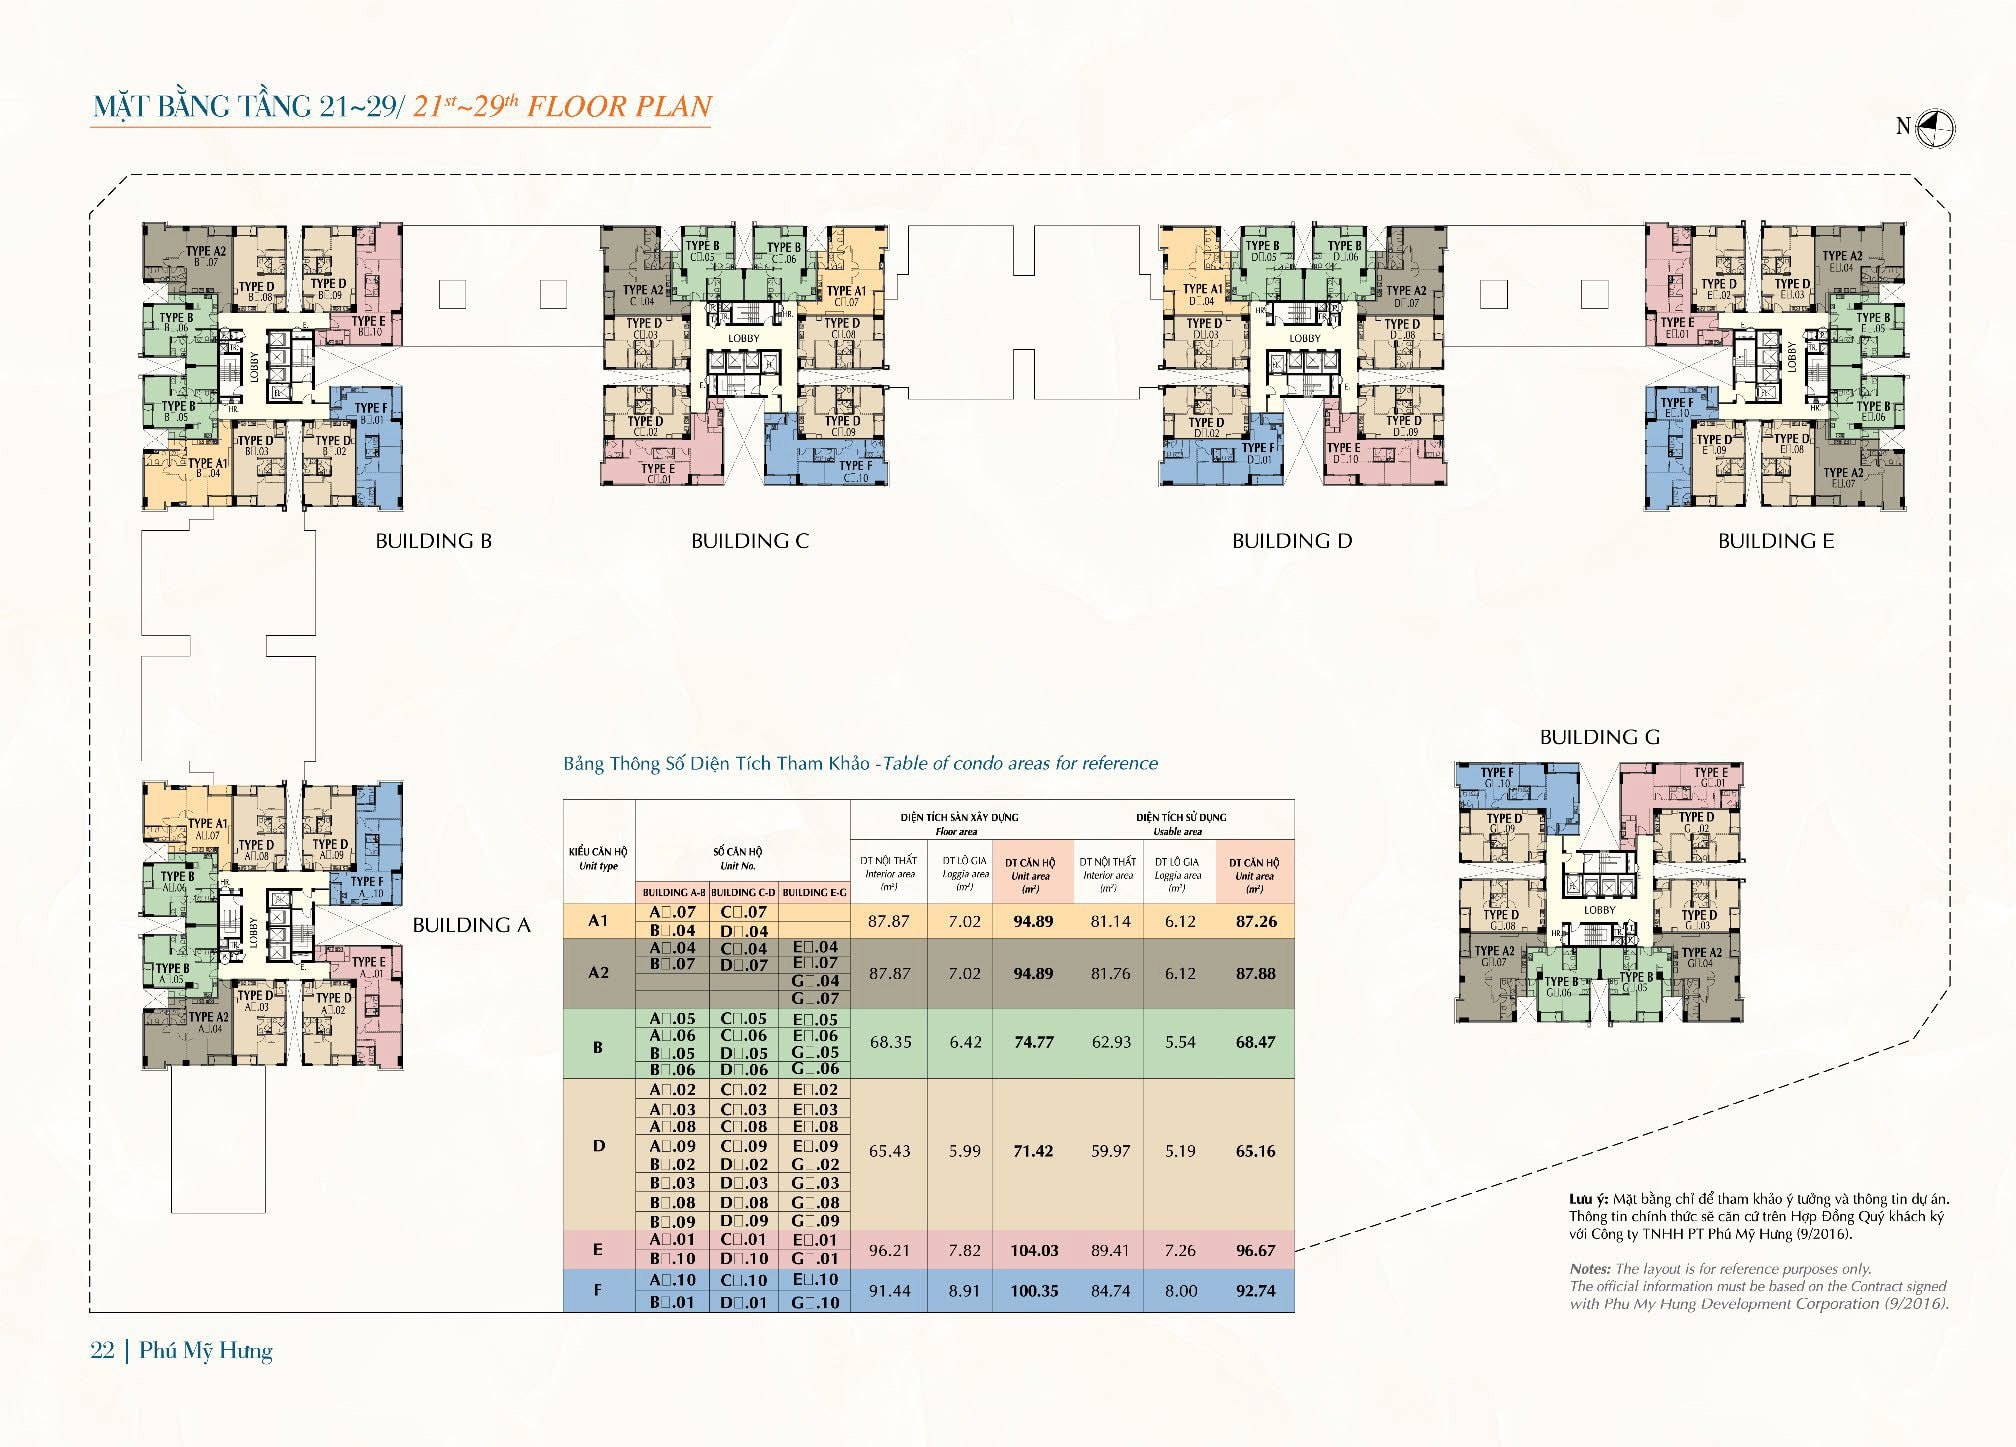 Mặt bằng tầng 21 - 29 Saigon South Residences